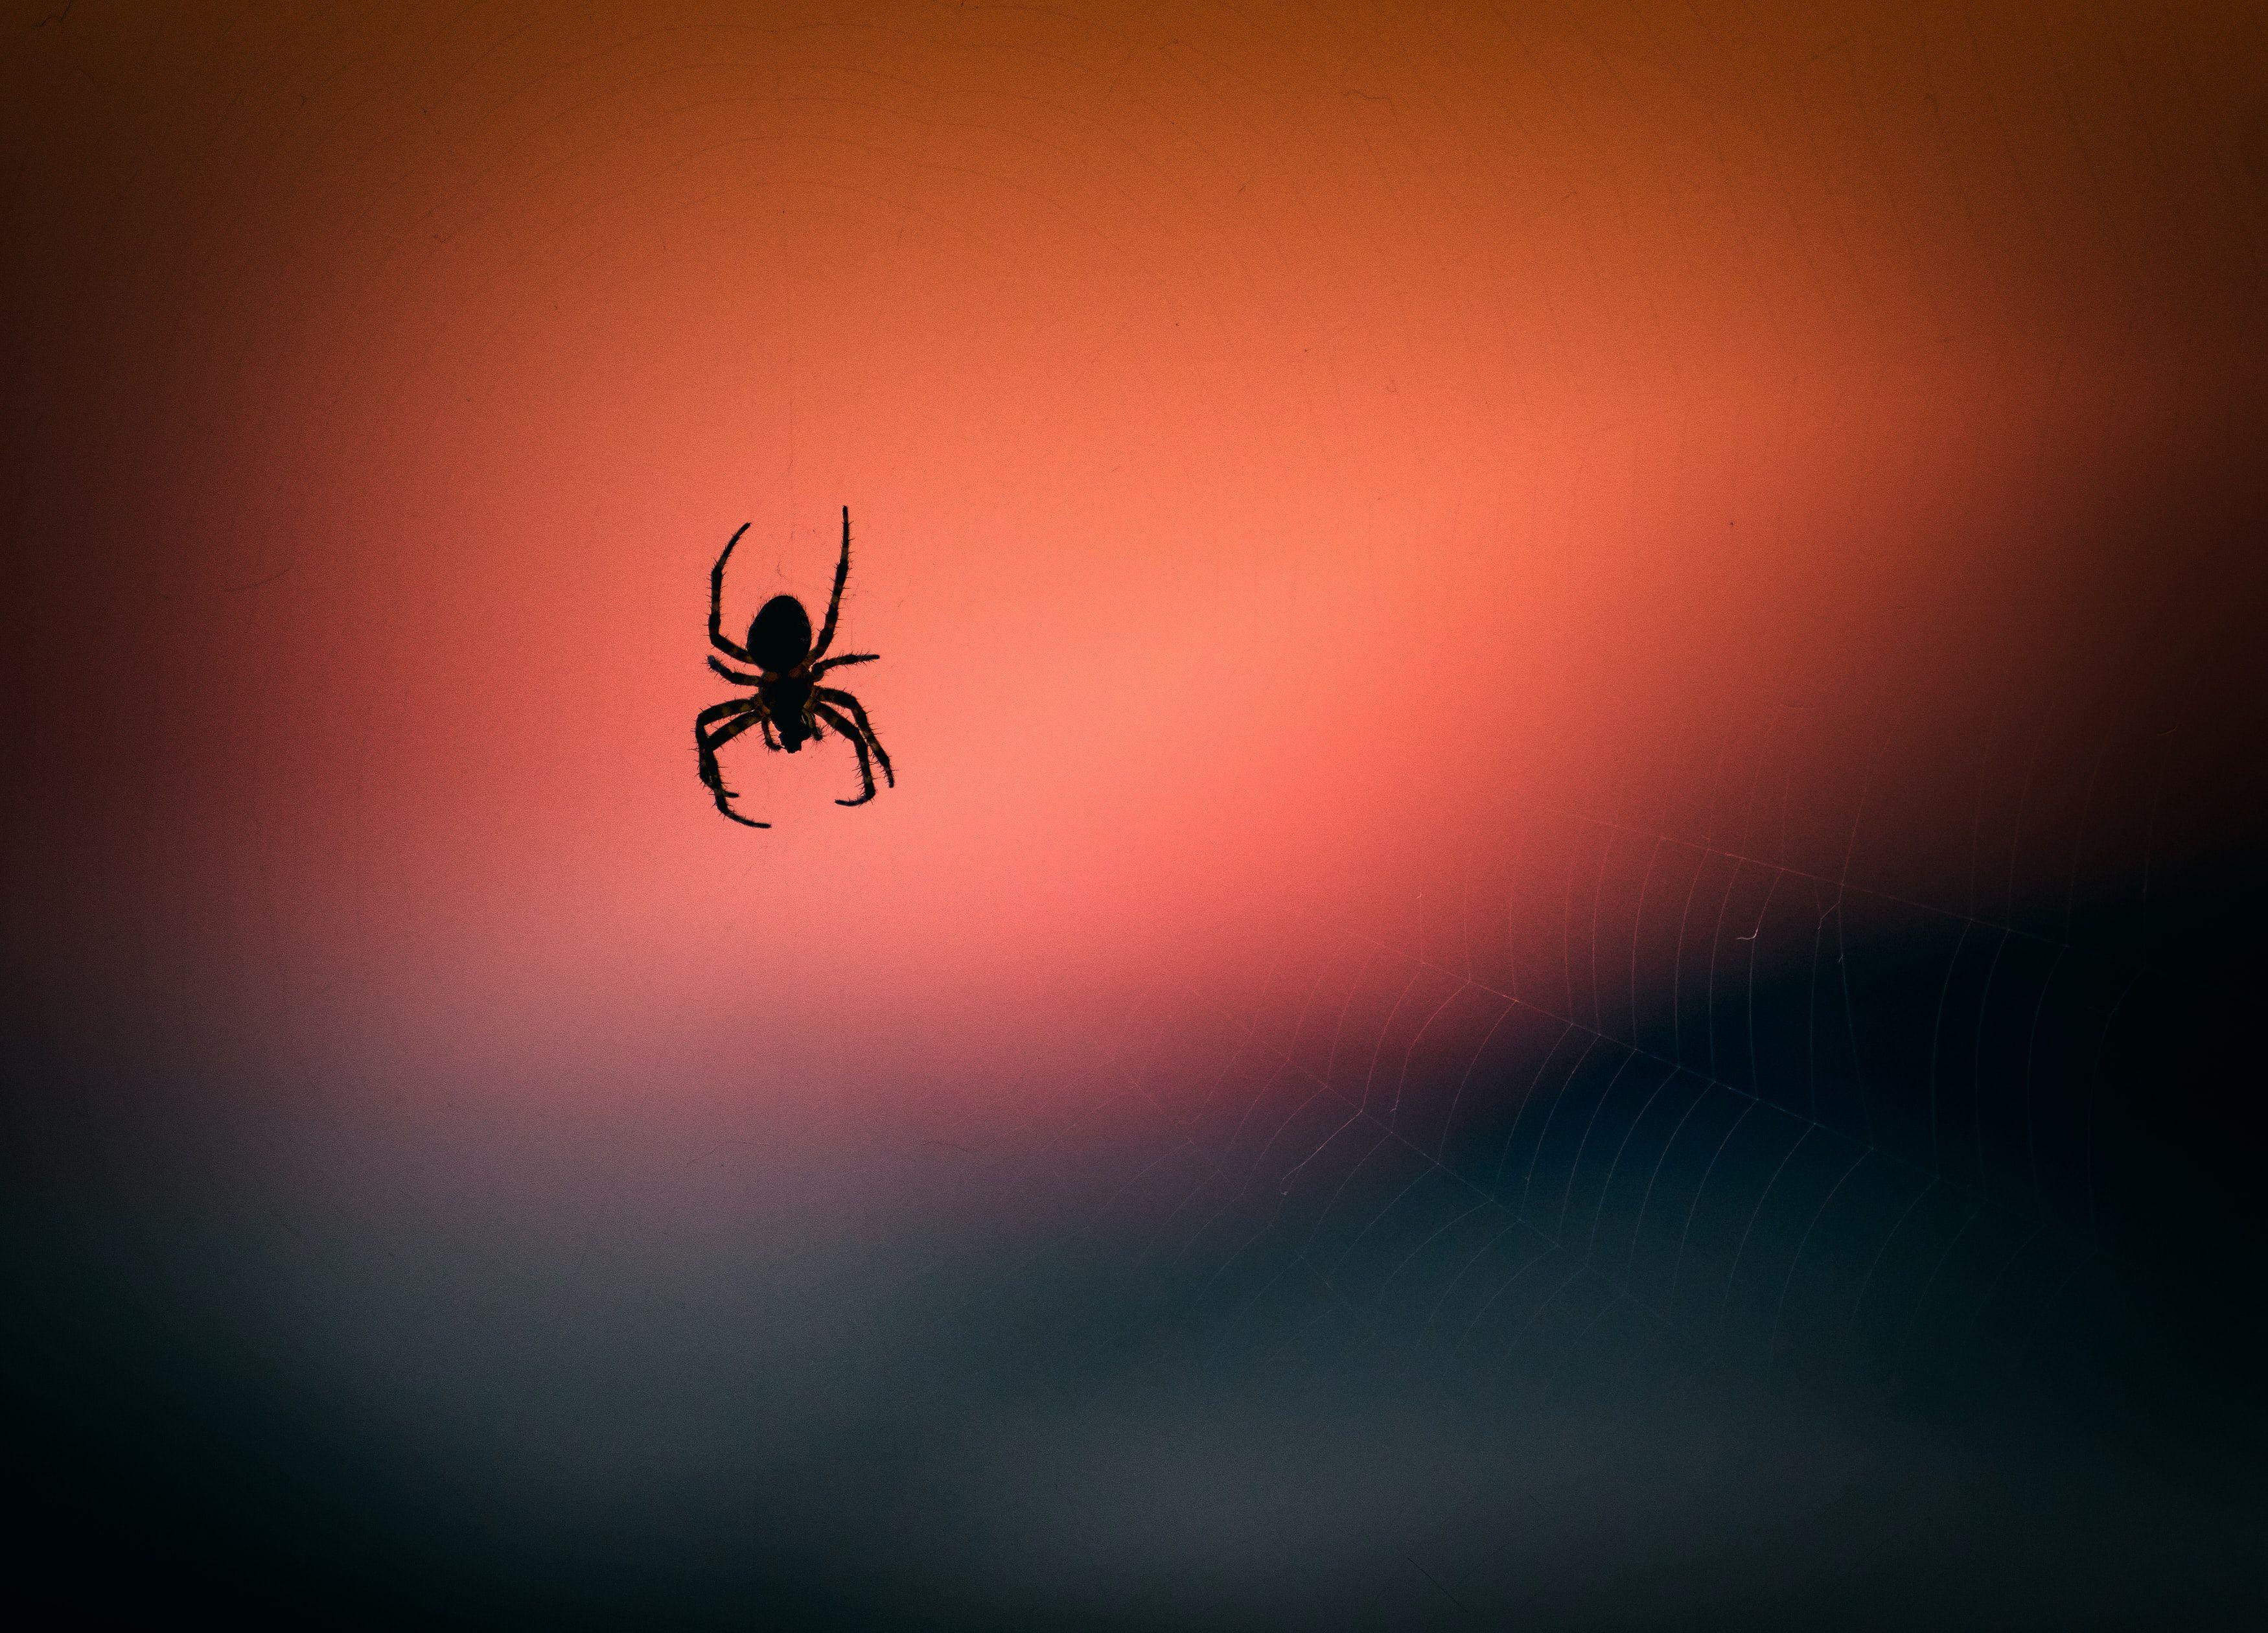 Scienziati hanno mutato orribilmente questi ragni... in nome della conoscenza